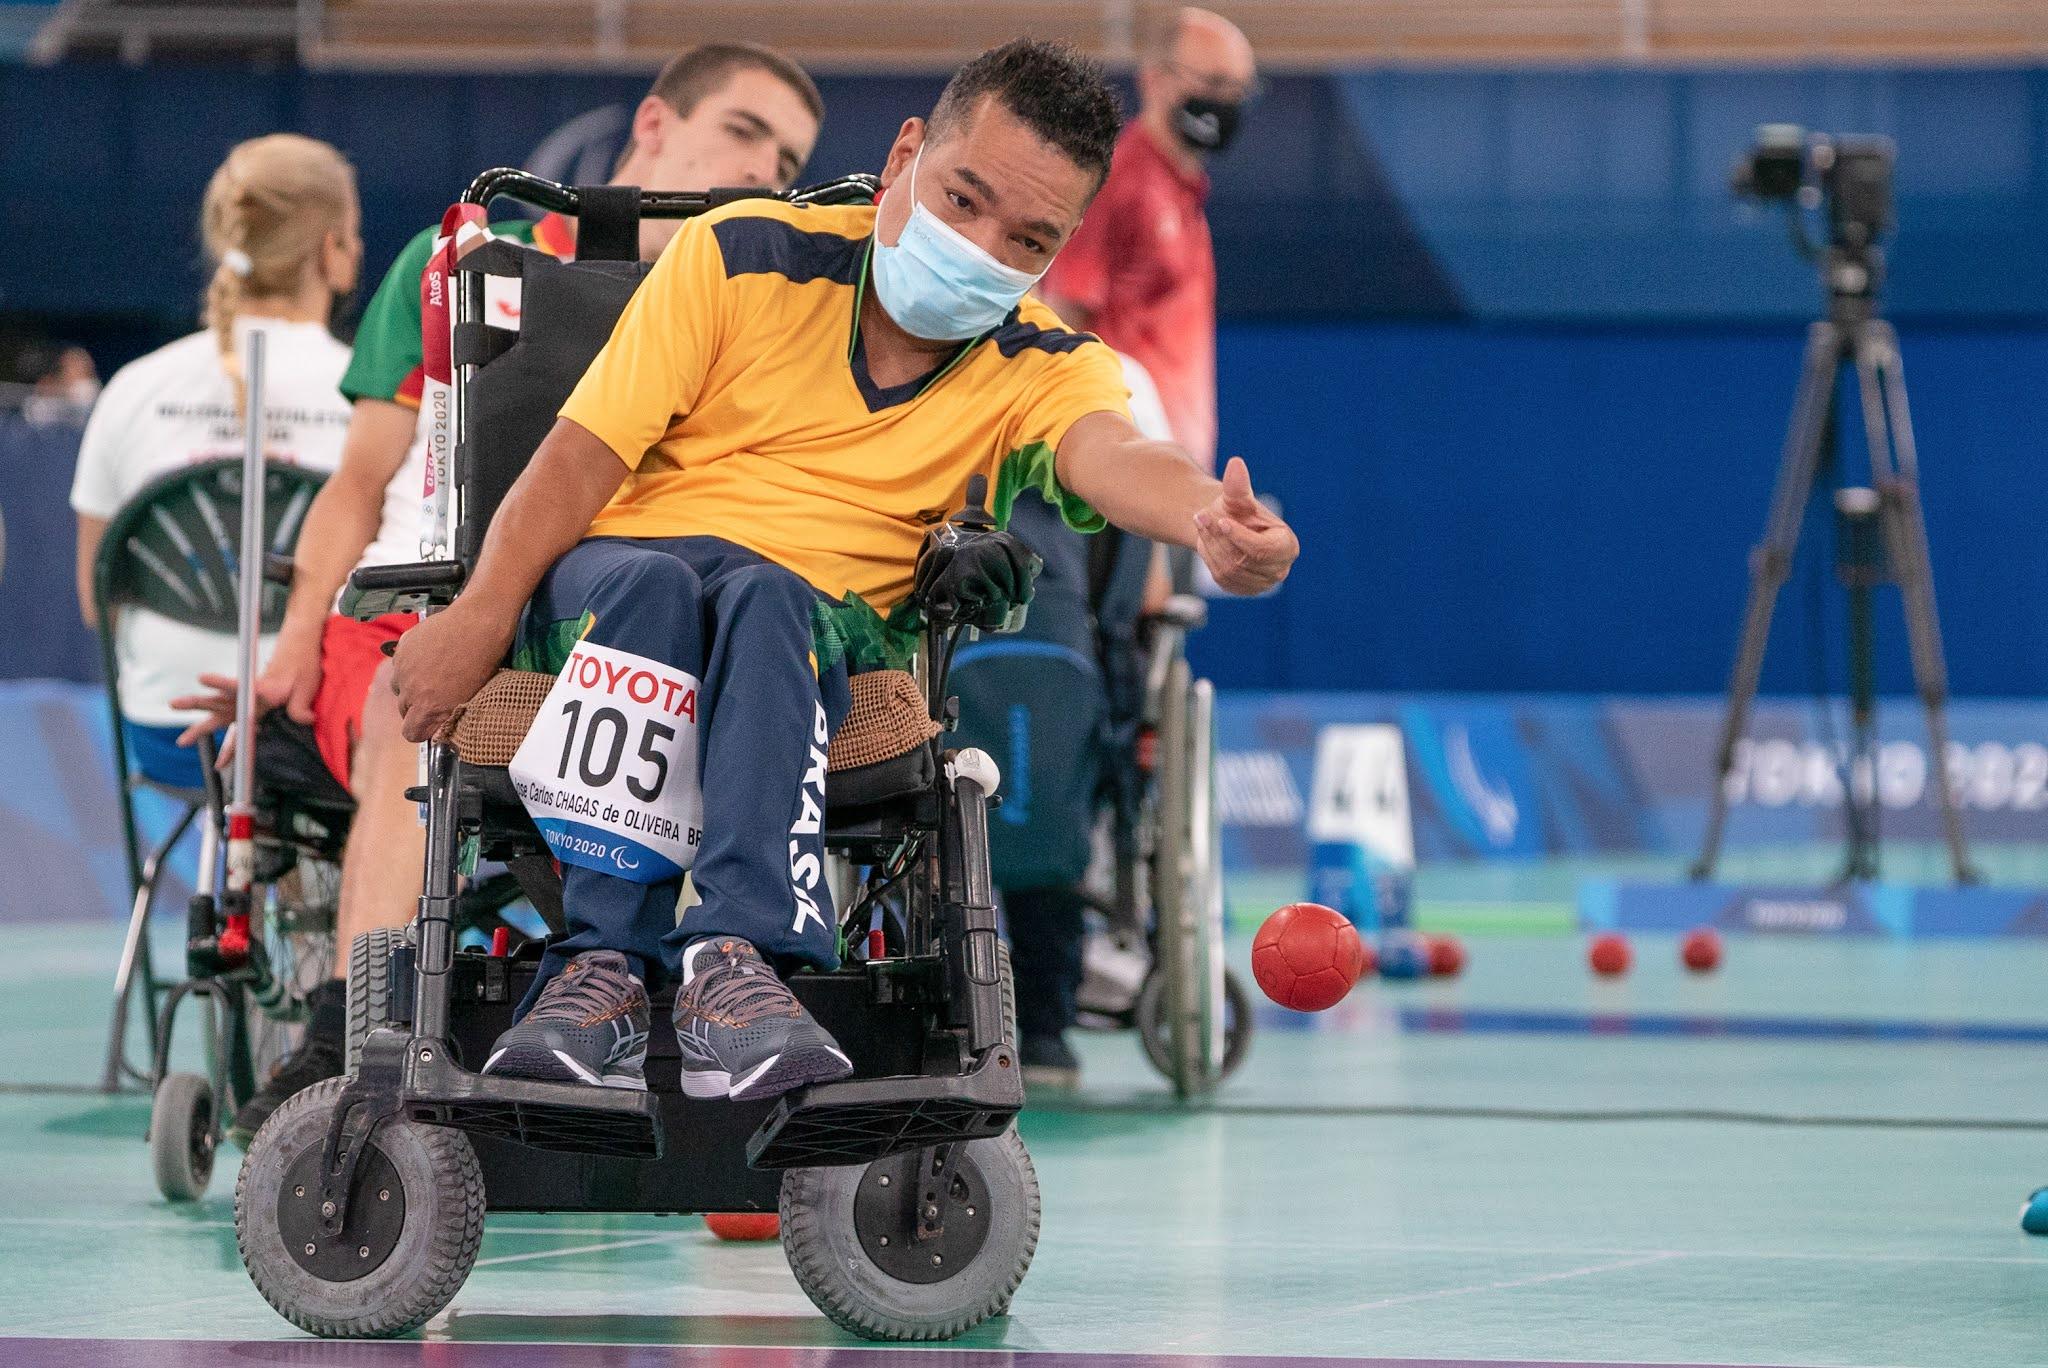 Jose Carlos Chagas, com uma cadeira de rodas motorizada, está de mascara e arremessa a bolinha